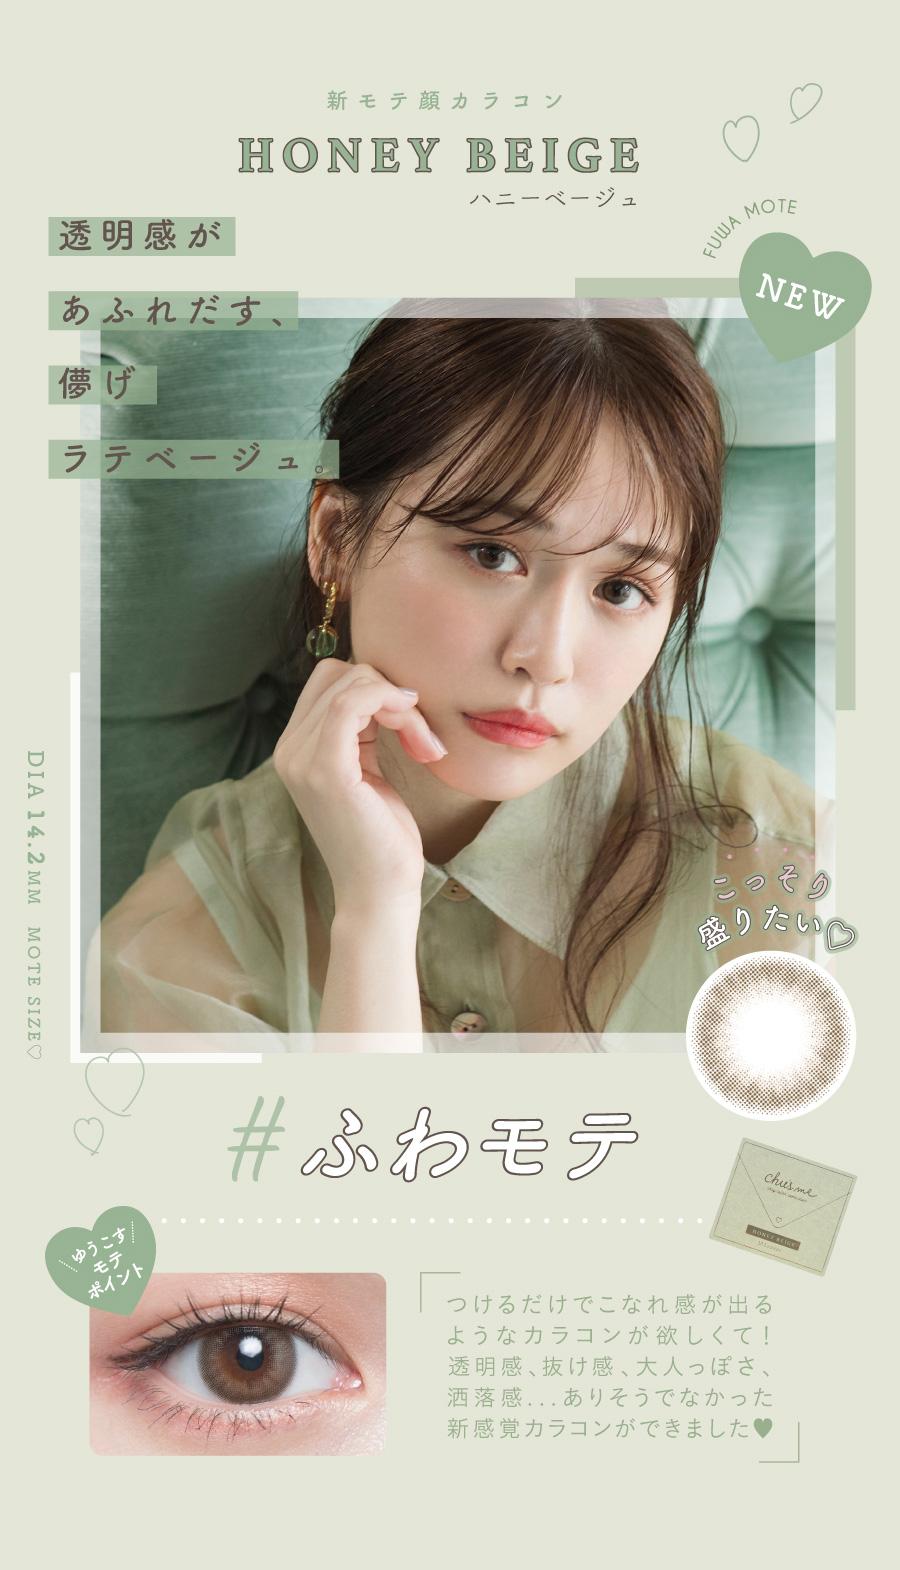 Chu'sme チューズミー(プロデュース/モデル:ゆうこす) HONEY BEIGE ハニーベージュ